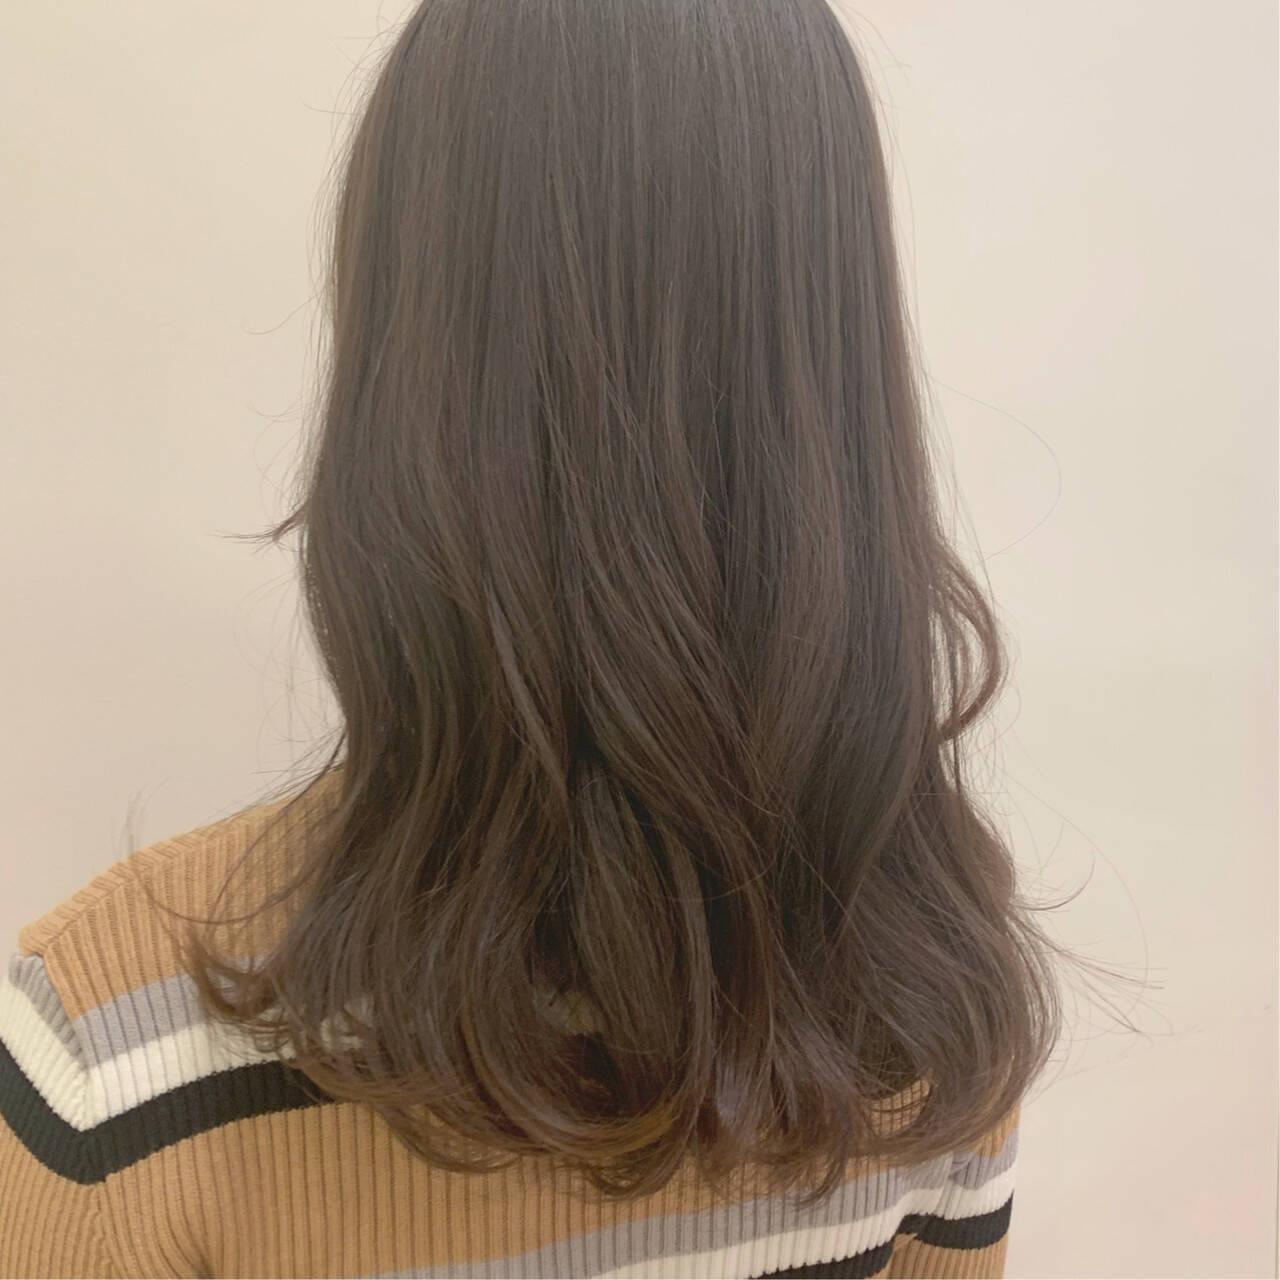 黒髪 デート フェミニン 簡単ヘアアレンジヘアスタイルや髪型の写真・画像